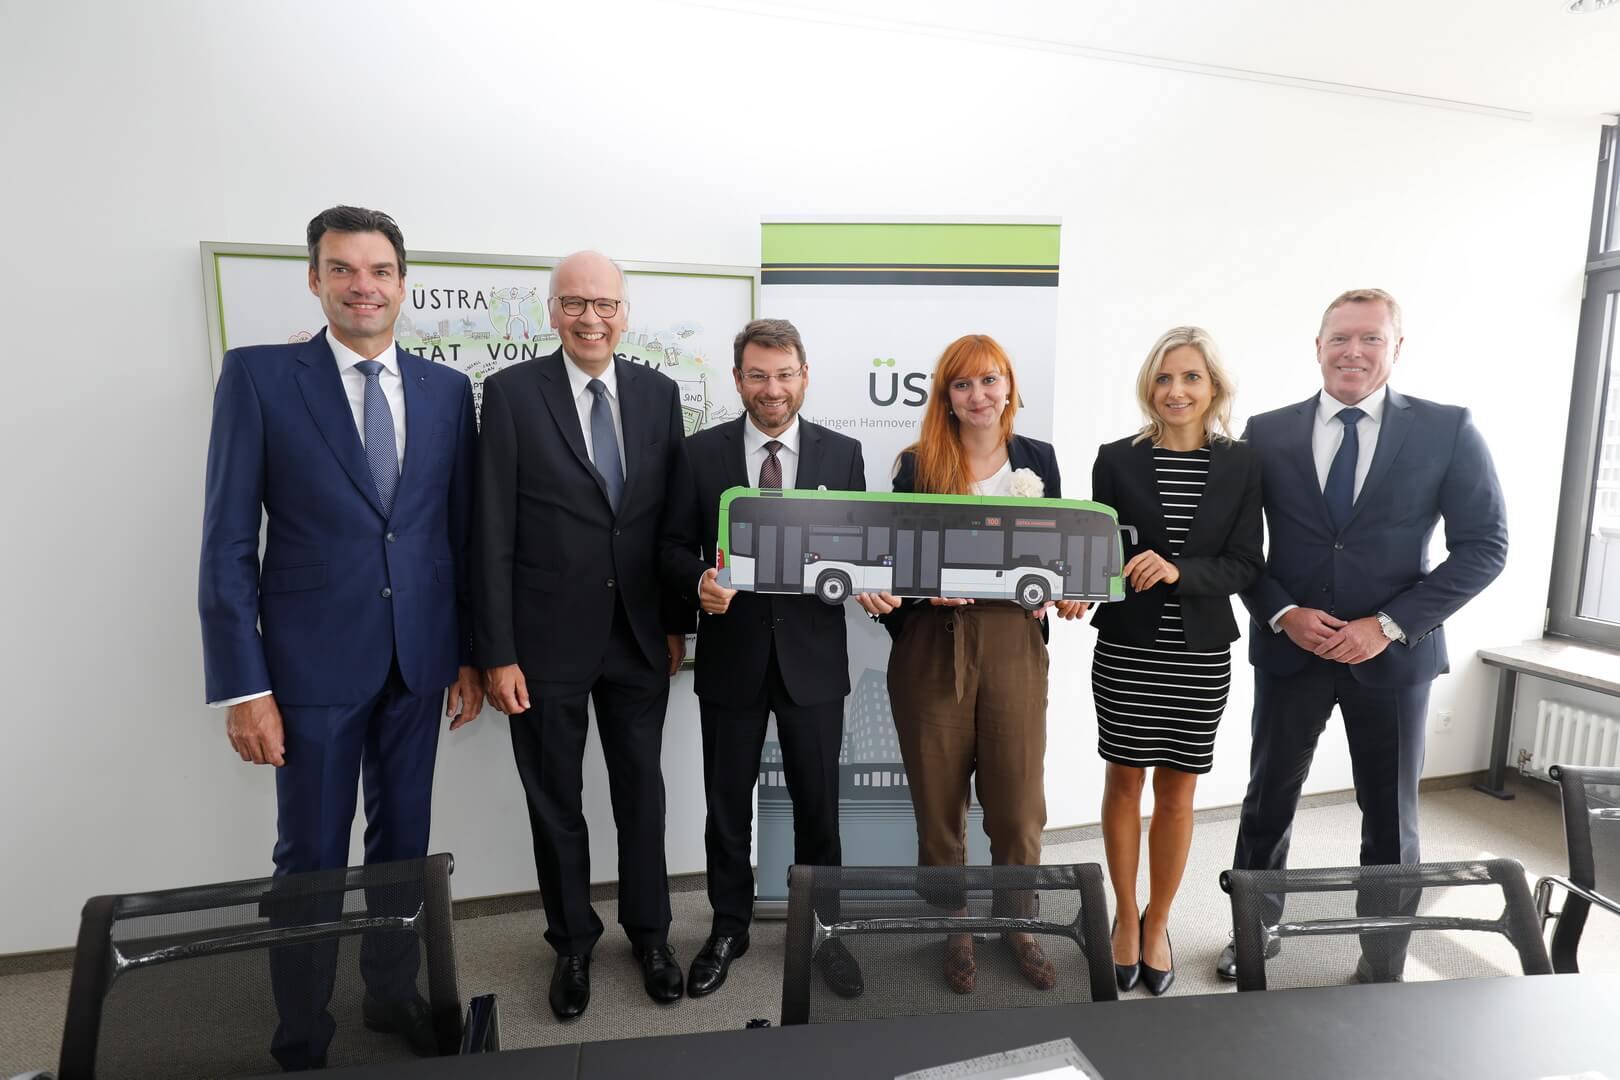 Daimler поставит ÜSTRA 30 электрических автобусов eCitaro длиной 12 метров и 18 электрических автобусов eCitaro G длиной 18 метров